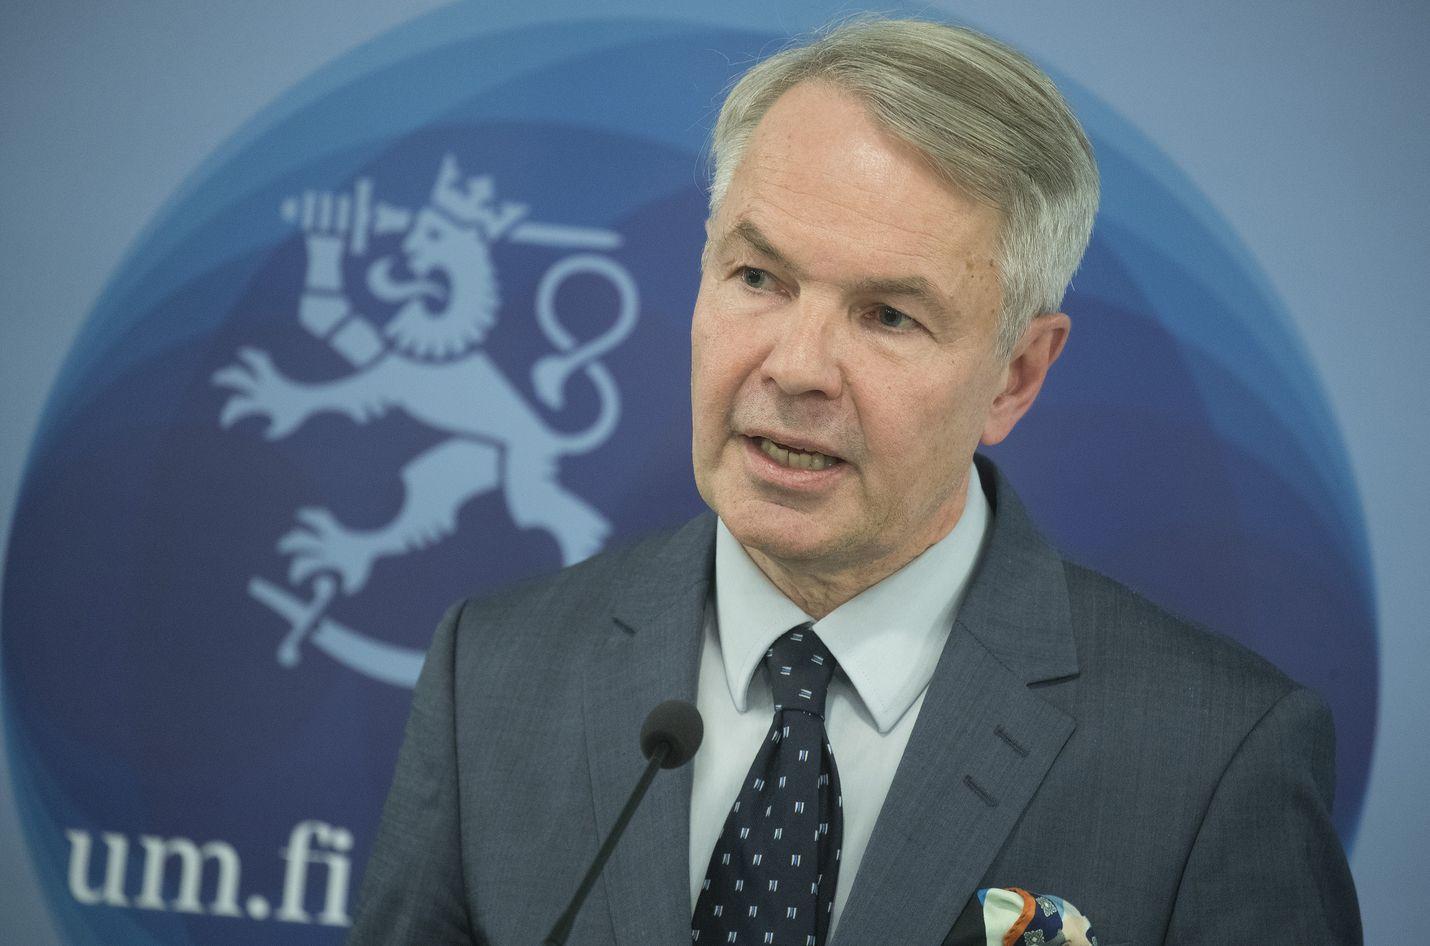 Pekka Haavisto sanoi Lännen Median haastattelussa, että ulkoministeriön erityisedustajan mandaatti jatkuu Syyriassa ja se on voimassa.